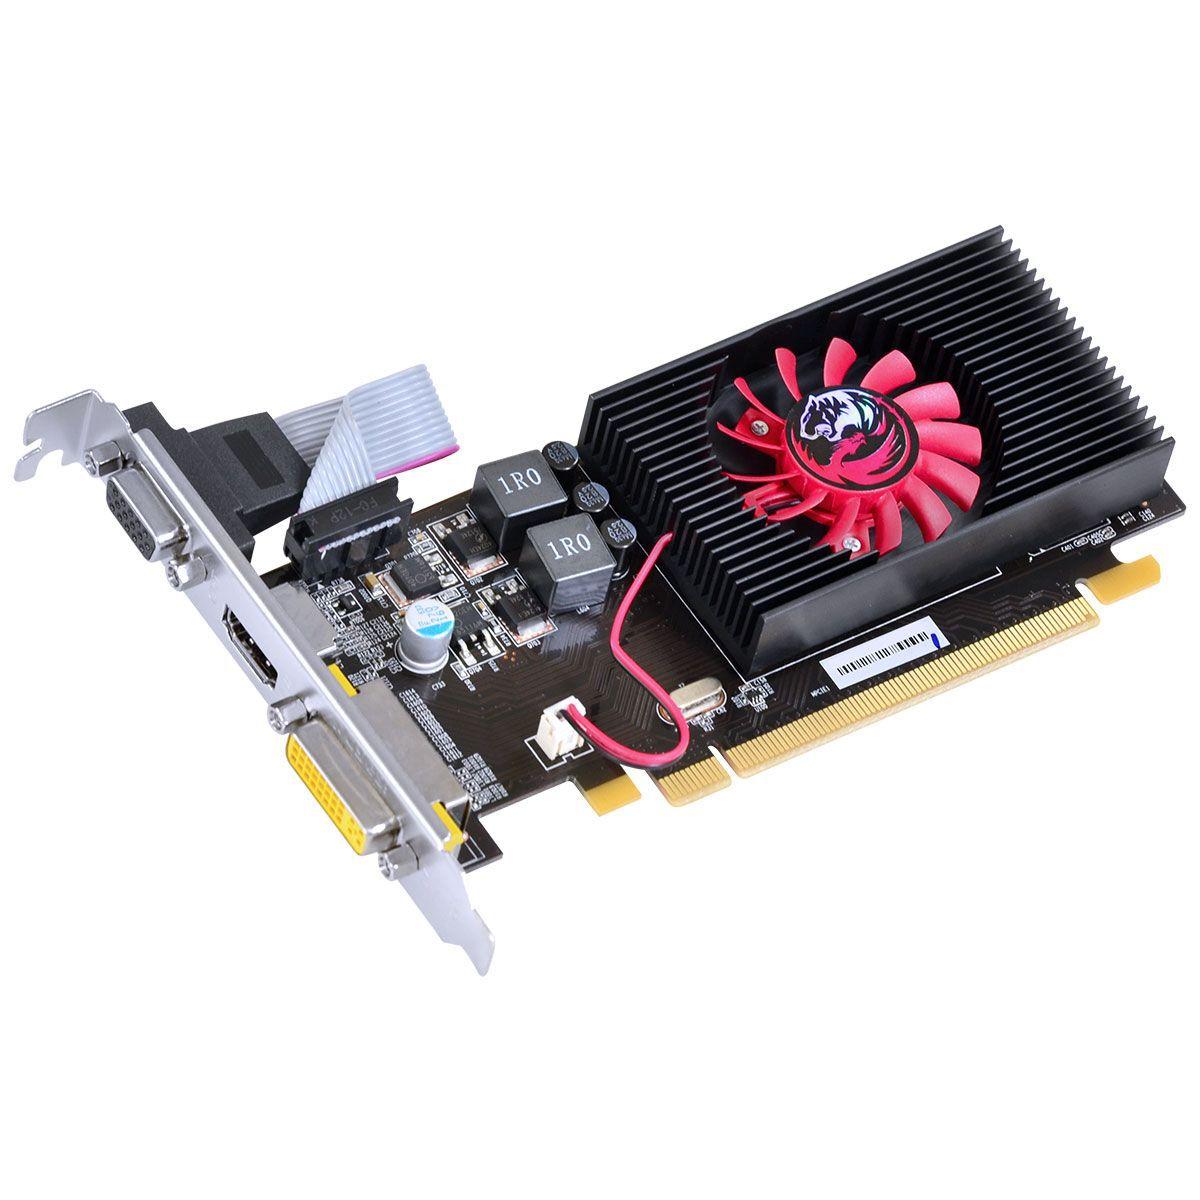 PLACA DE VIDEO HD 5450 1GB DDR3 64 BITS COM KIT LOW PROFILE INCLUSO - PTYT54506401D3LP